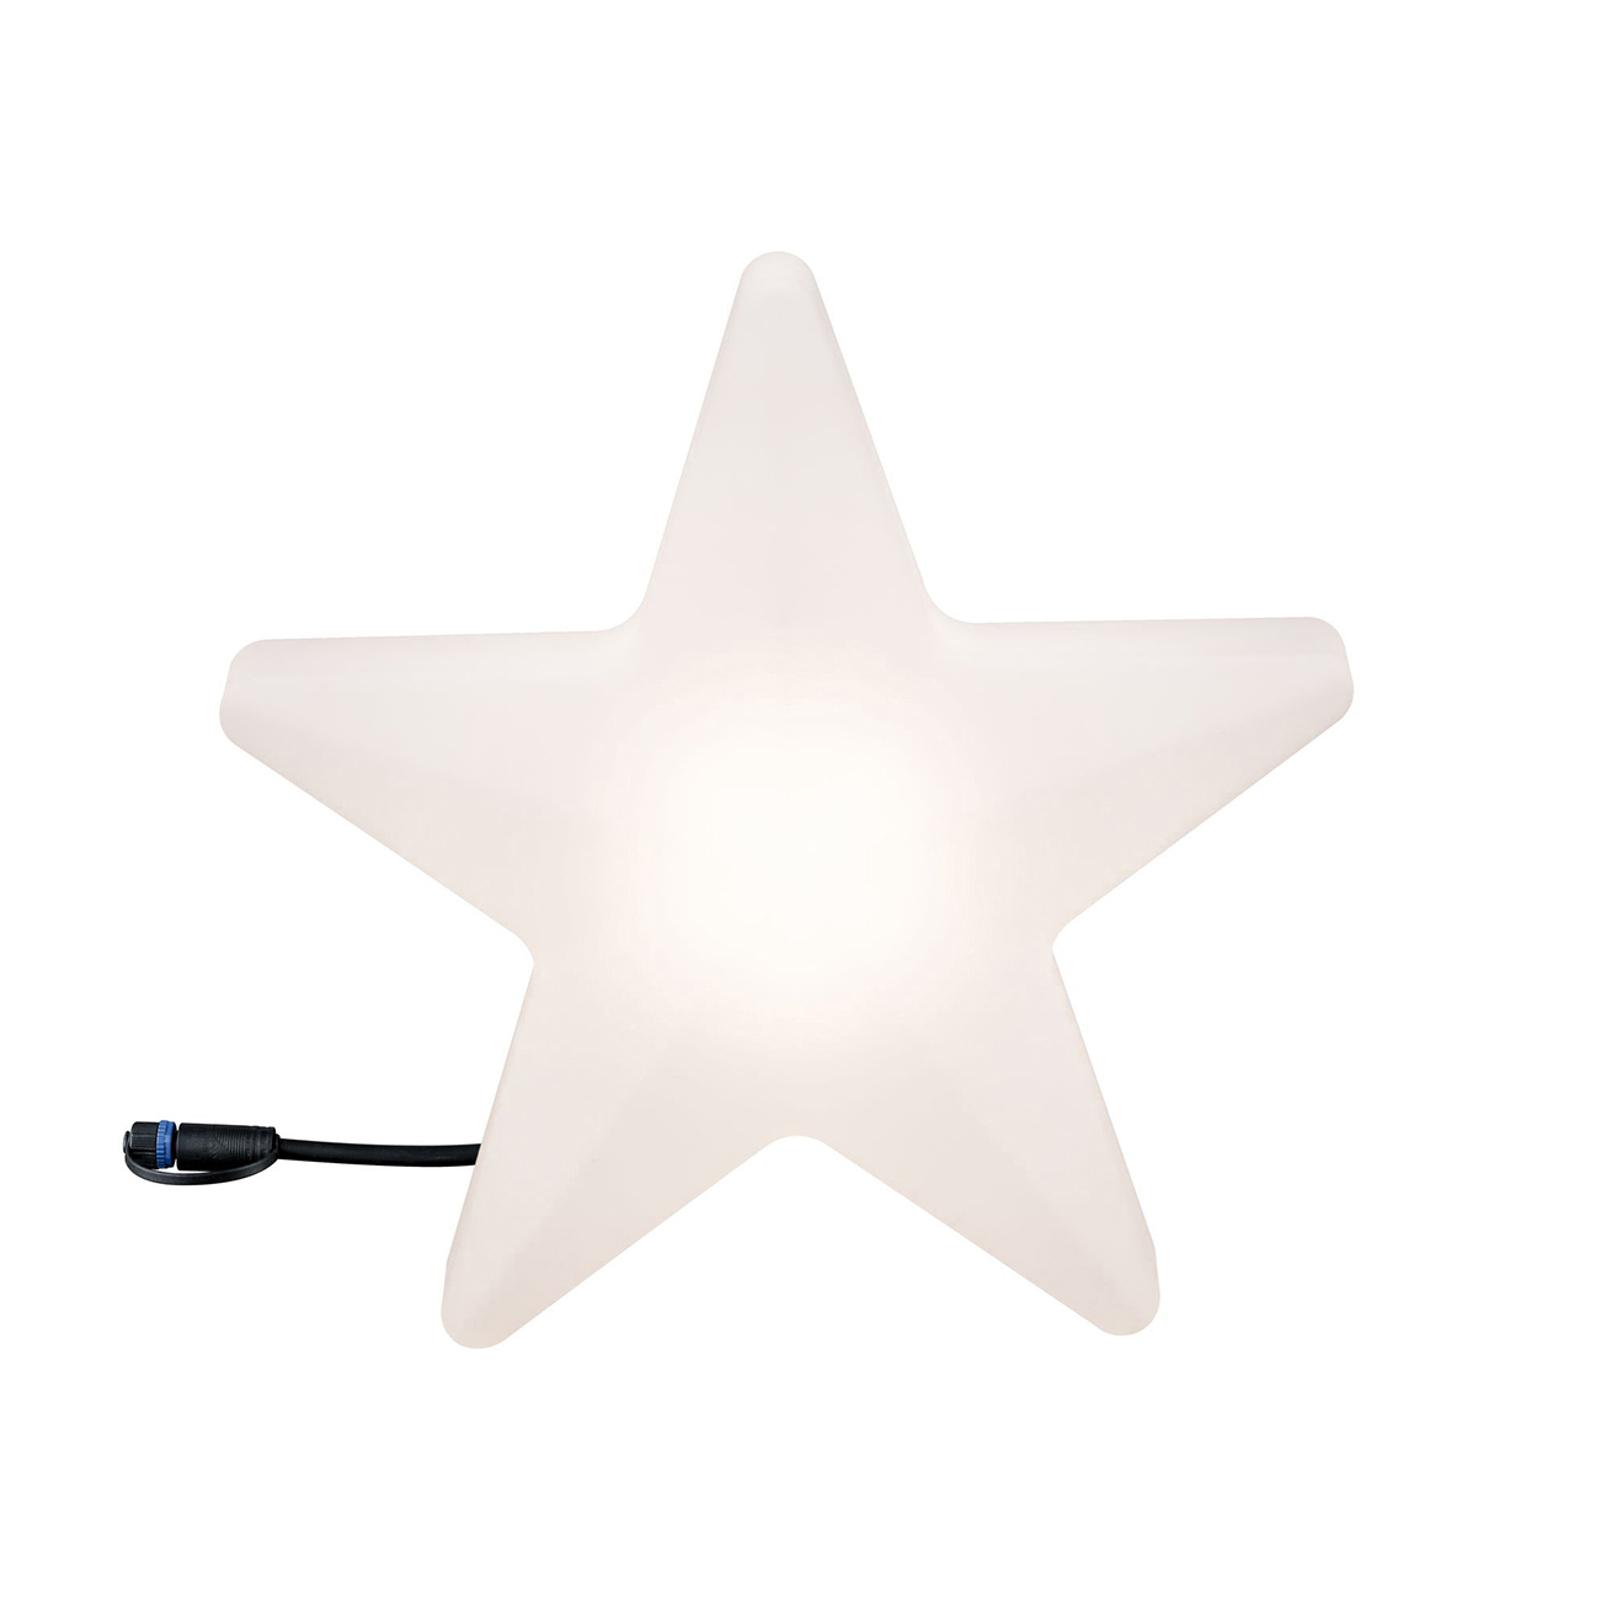 Paulmann Plug & Shine LED svítidlo Star Ø 40cm